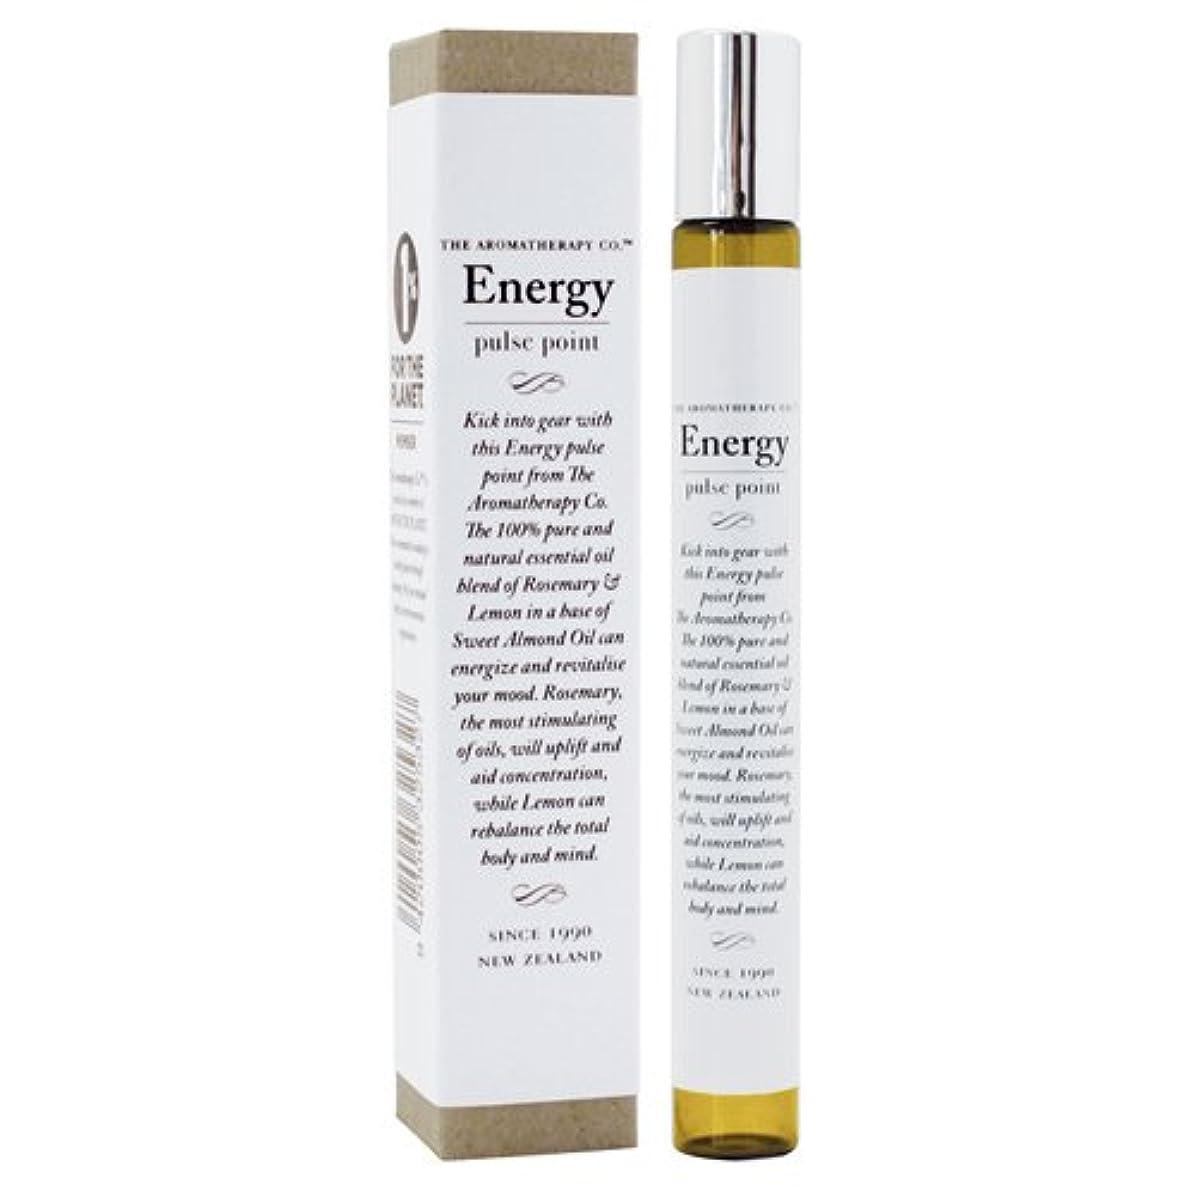 五十汚れるコンパスTherapy Range セラピーレンジ Pulse Pointパルスポイント Energyエナジー